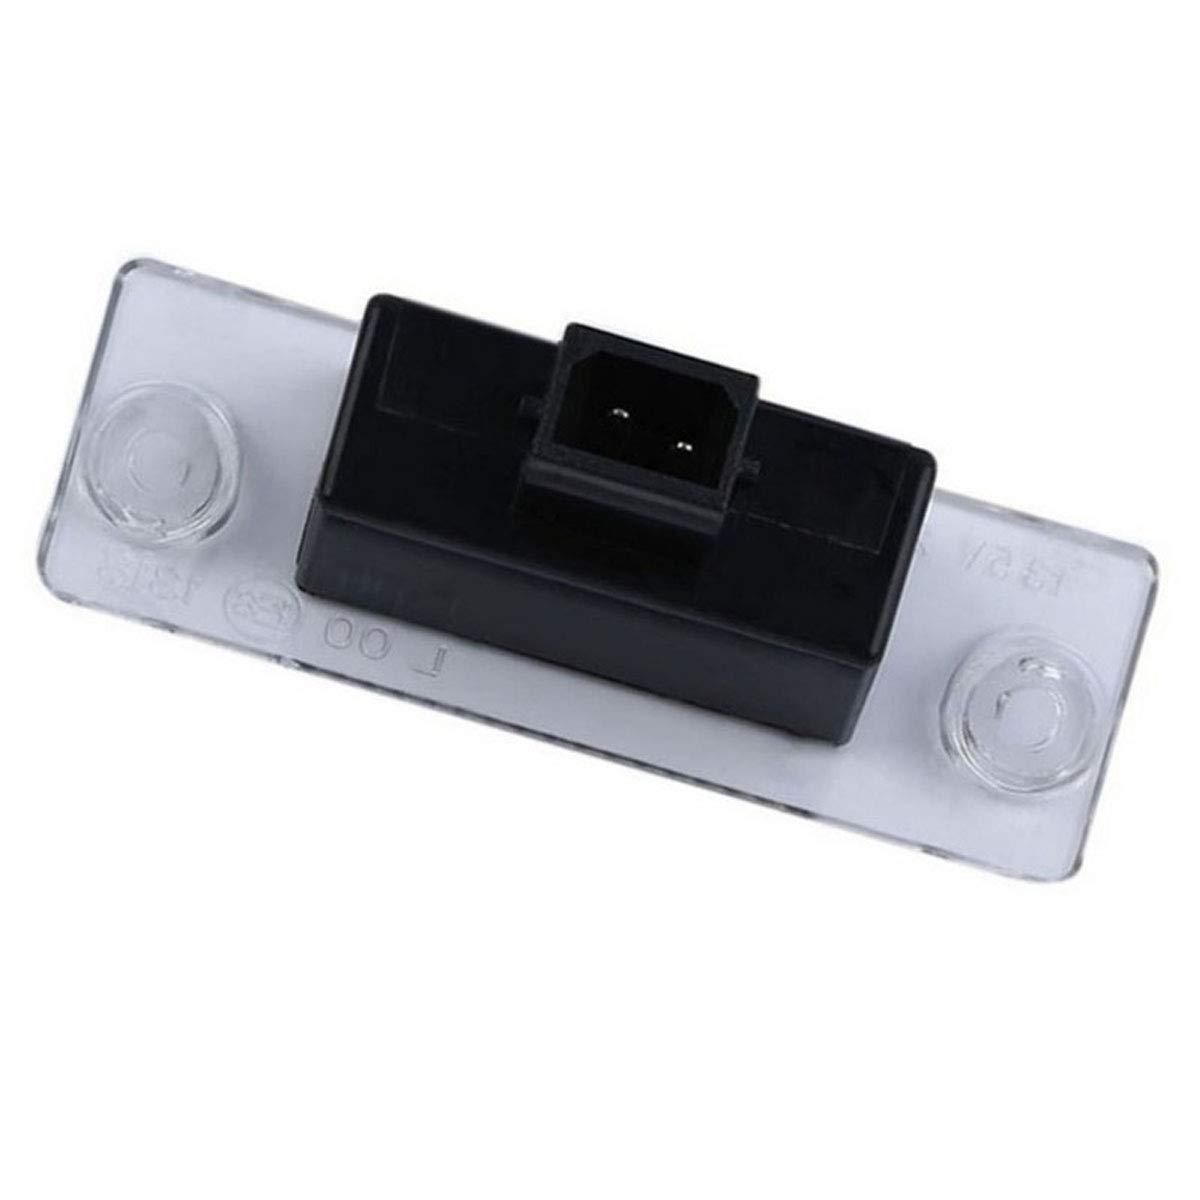 MuChangZi 2pcs LED 12V Lumi/ère pour Plaque Dimmatriculation pour A//UDI A4 B5 1995-2001 S5 B5 A3 S3 Sportback 1997-2003 A4 S4 Avant 1995-1999